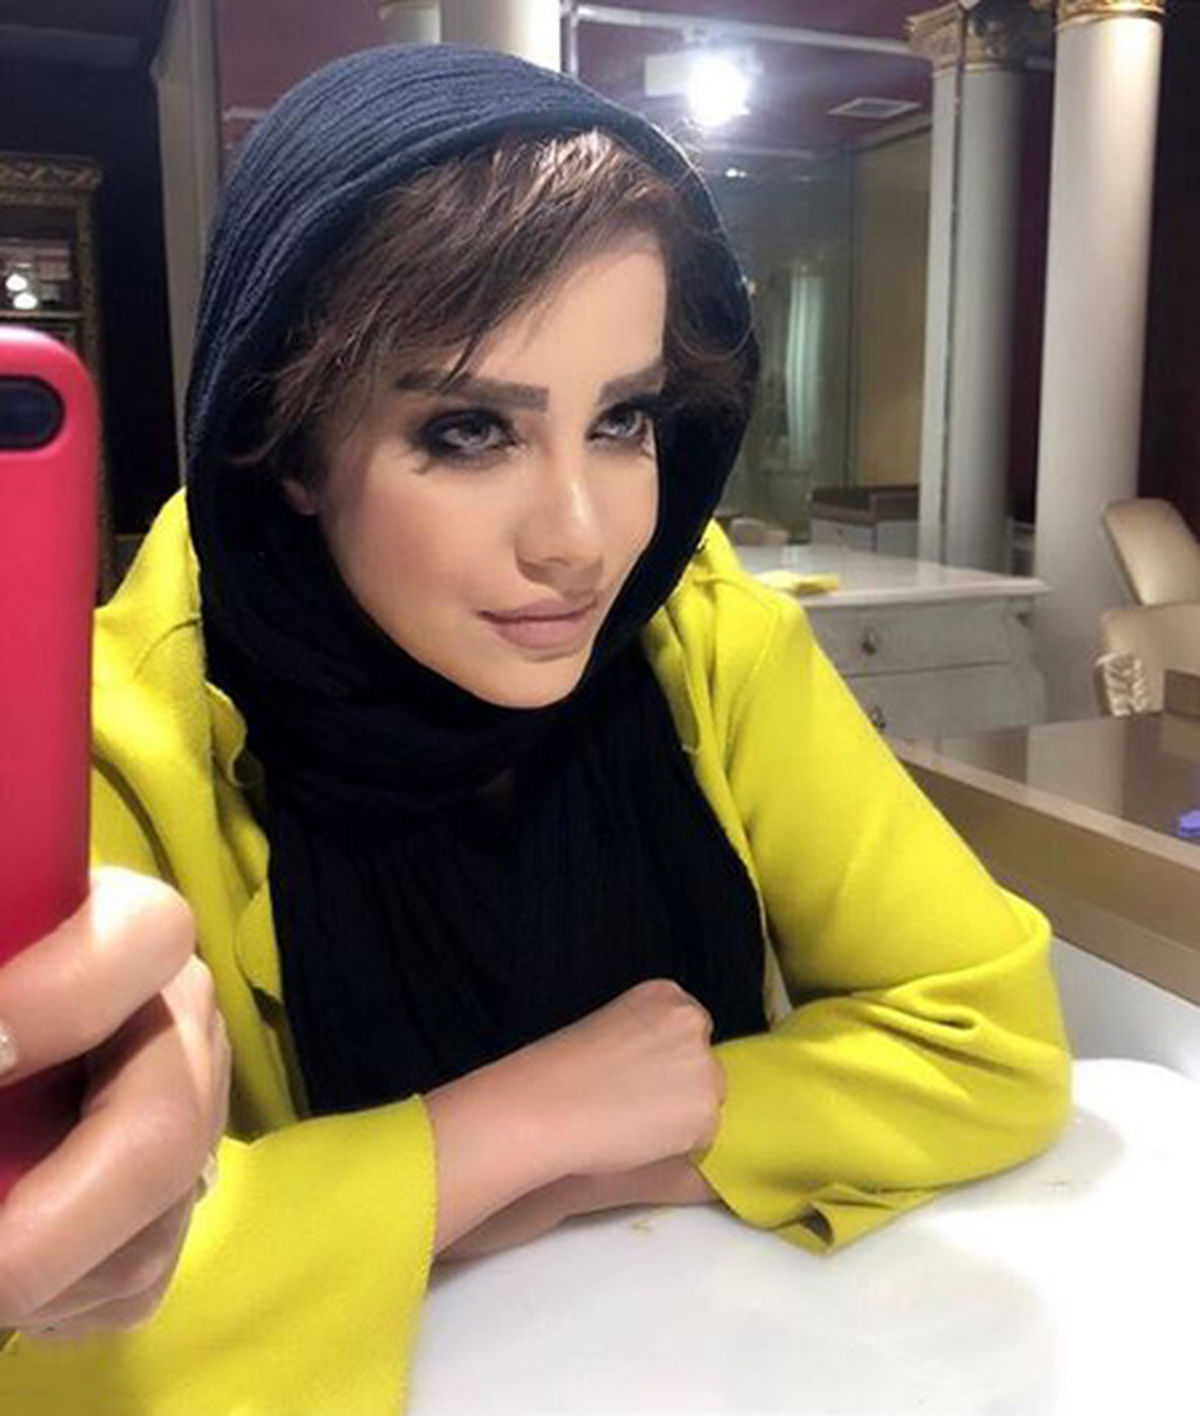 رقص و آواز شراره رخام پشتِ فرمان + فیلم